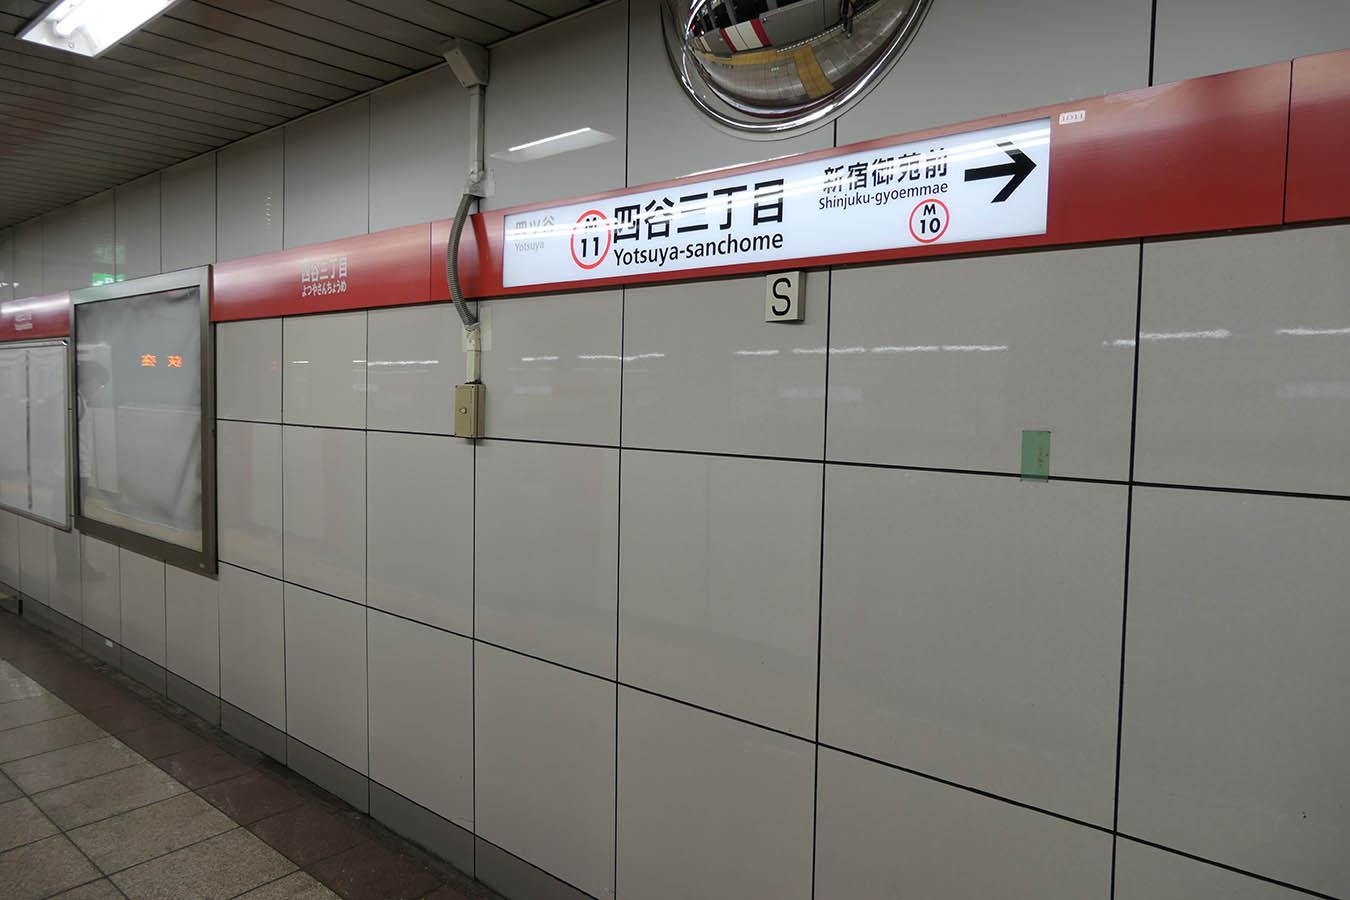 三 丁目 駅 四谷